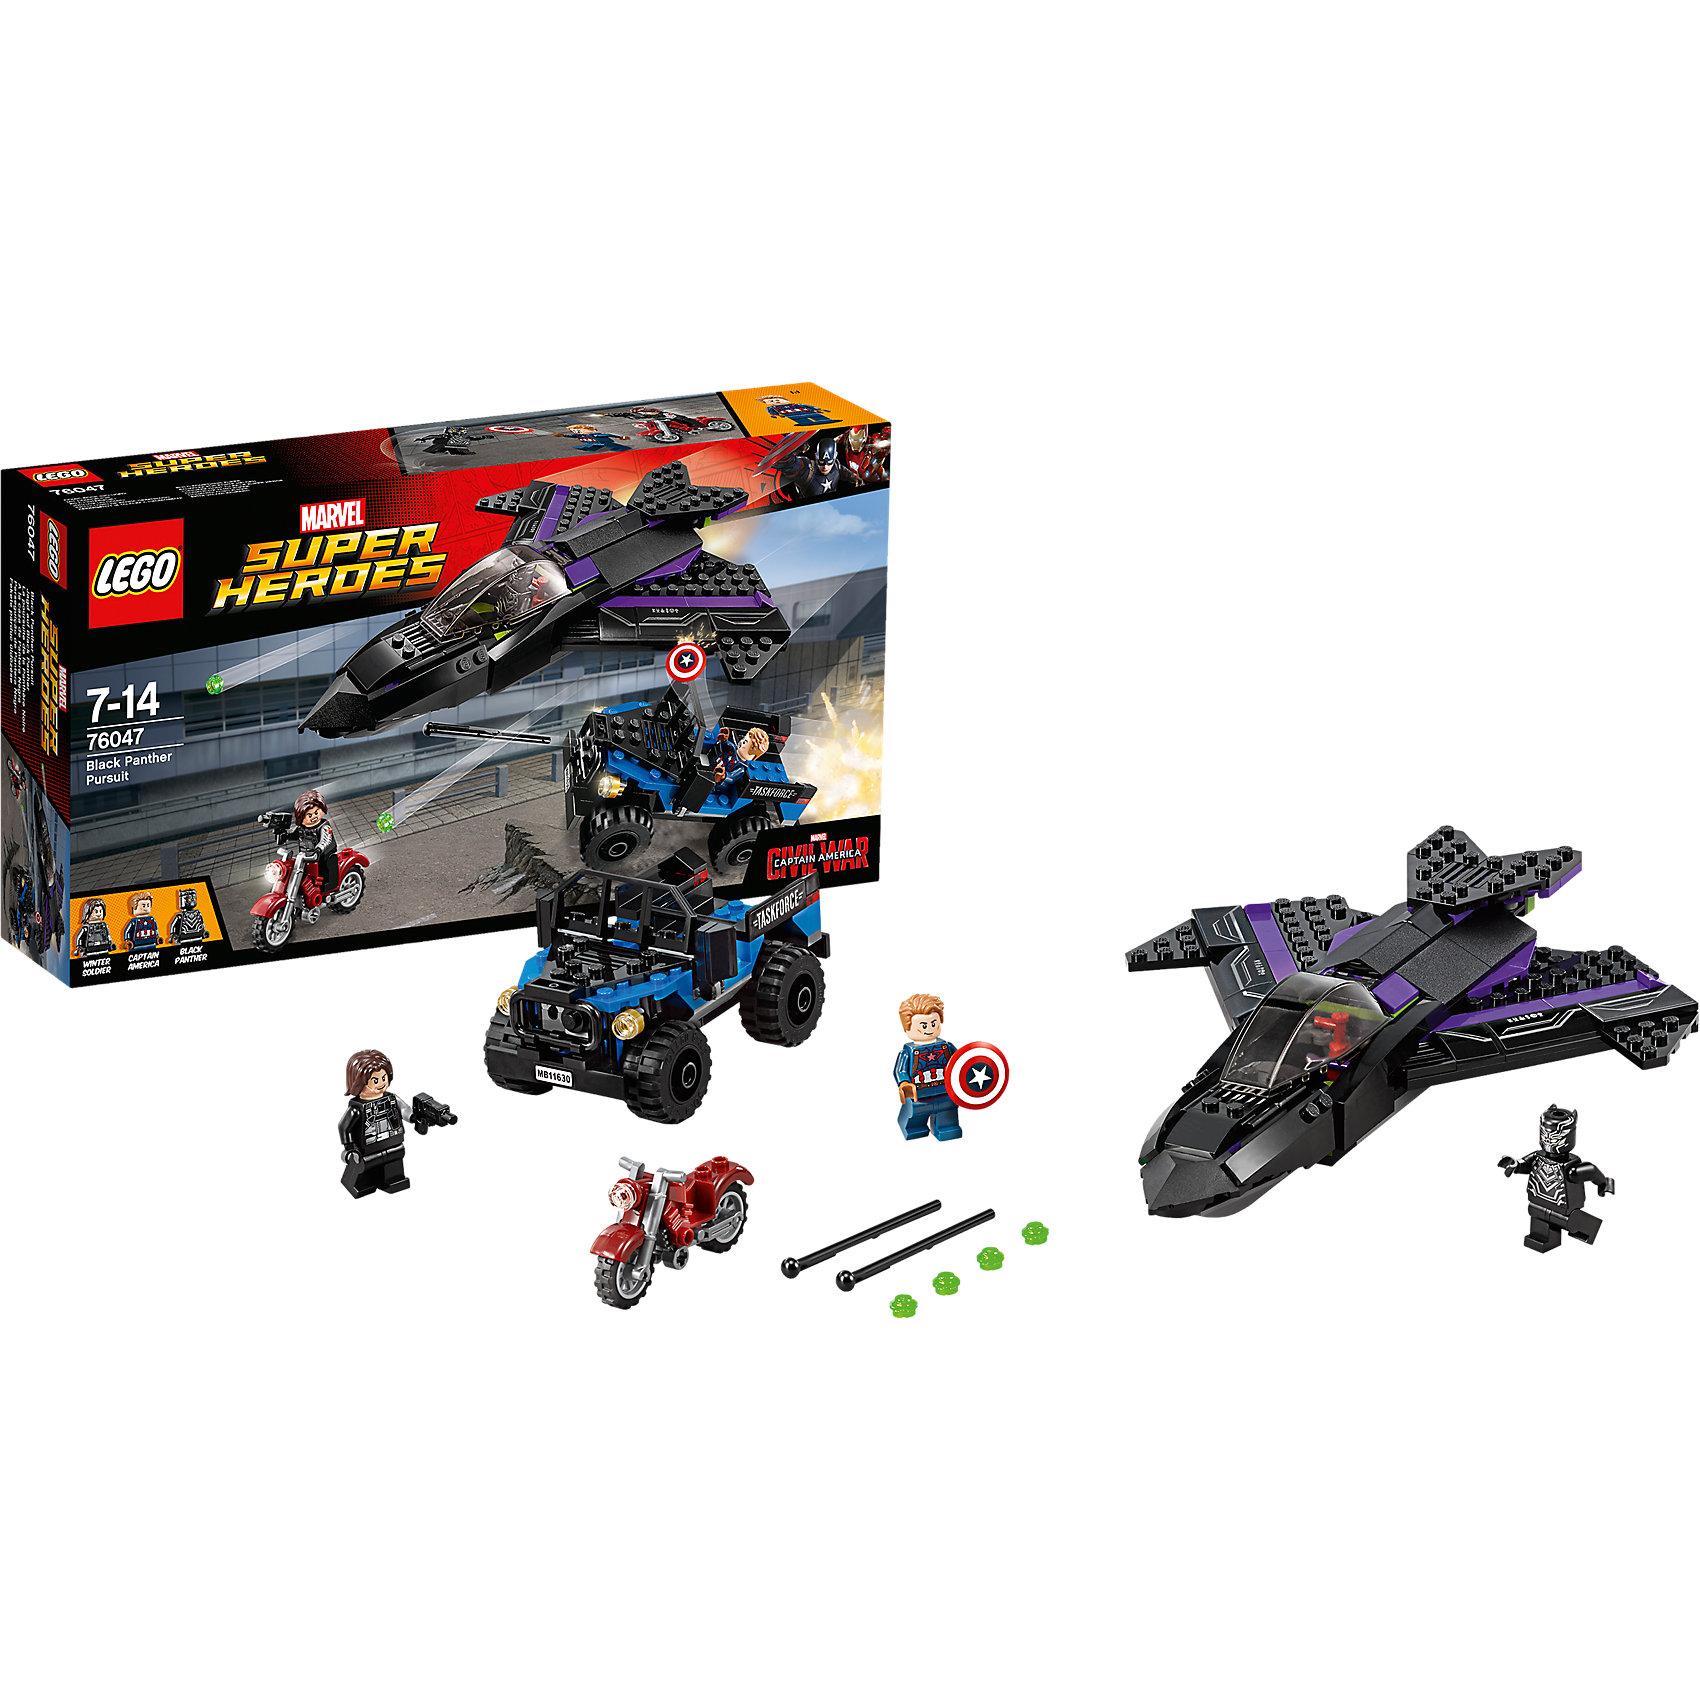 LEGO Super Heroes 76047: Преследование Чёрной ПантерыПластмассовые конструкторы<br>Открой огонь по Зимнему солдату, мчащемуся на своем мотоцикле, из оружия на реактивном самолете. Вступай в высокотехнологичный бой вместе с Капитаном Америка. Начни огонь из пружинного пистолета и отбрось щит Капитана Америка в воздух!<br><br>LEGO Super Heroes (ЛЕГО Супер Герои) - серия конструкторов созданная специально по мотивам всеми известных комиксов. Спасай мир и борись со злом вместе с любимыми супергероями! Наборы серии можно комбинировать между собой, давая безграничные просторы для фантазии и придумывая свои новые истории. <br><br>Дополнительная информация:<br><br>- Конструкторы ЛЕГО развивают усидчивость, внимание, фантазию и мелкую моторику. <br>- 3 минифигурки в комплекте: <br>- В комплекте 3 минифигурки, аксессуары, джип, самолет, байк. <br>- Колеса машины вращаются.<br>- Количество деталей: 287.<br>- Серия ЛЕГО Супер Герои (LEGO Super Heroes).<br>- Материал: пластик.<br>- Размер упаковки: 35,4х7х19 см.<br>- Вес: 0.535 кг.<br><br>Конструктор LEGO Super Heroes 76047: Преследование Чёрной Пантеры можно купить в нашем магазине.<br><br>Ширина мм: 355<br>Глубина мм: 192<br>Высота мм: 76<br>Вес г: 531<br>Возраст от месяцев: 84<br>Возраст до месяцев: 168<br>Пол: Мужской<br>Возраст: Детский<br>SKU: 4259157